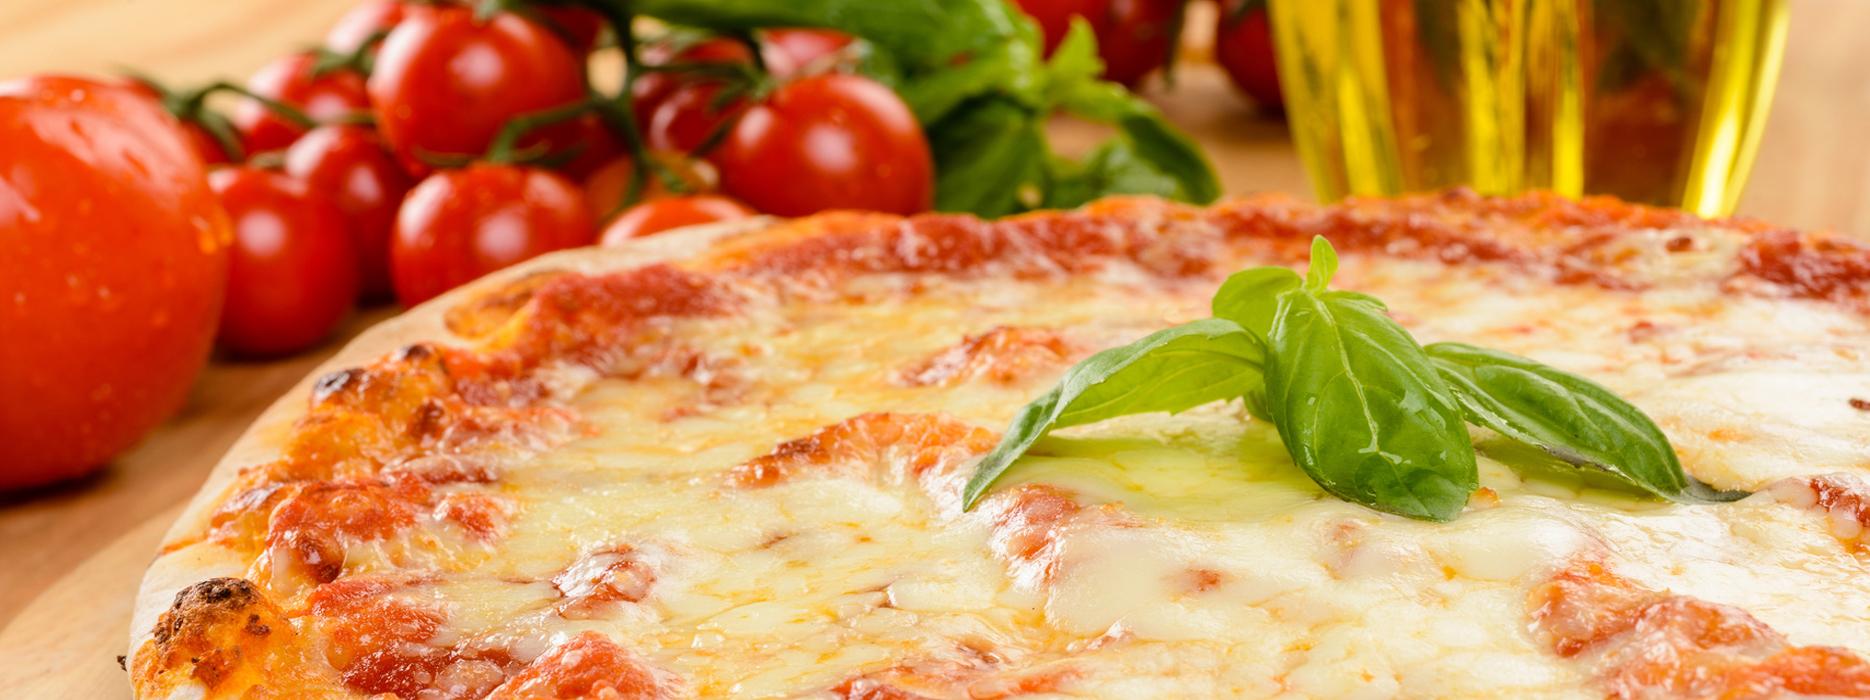 pizza senza glutine grassobbio bergamo